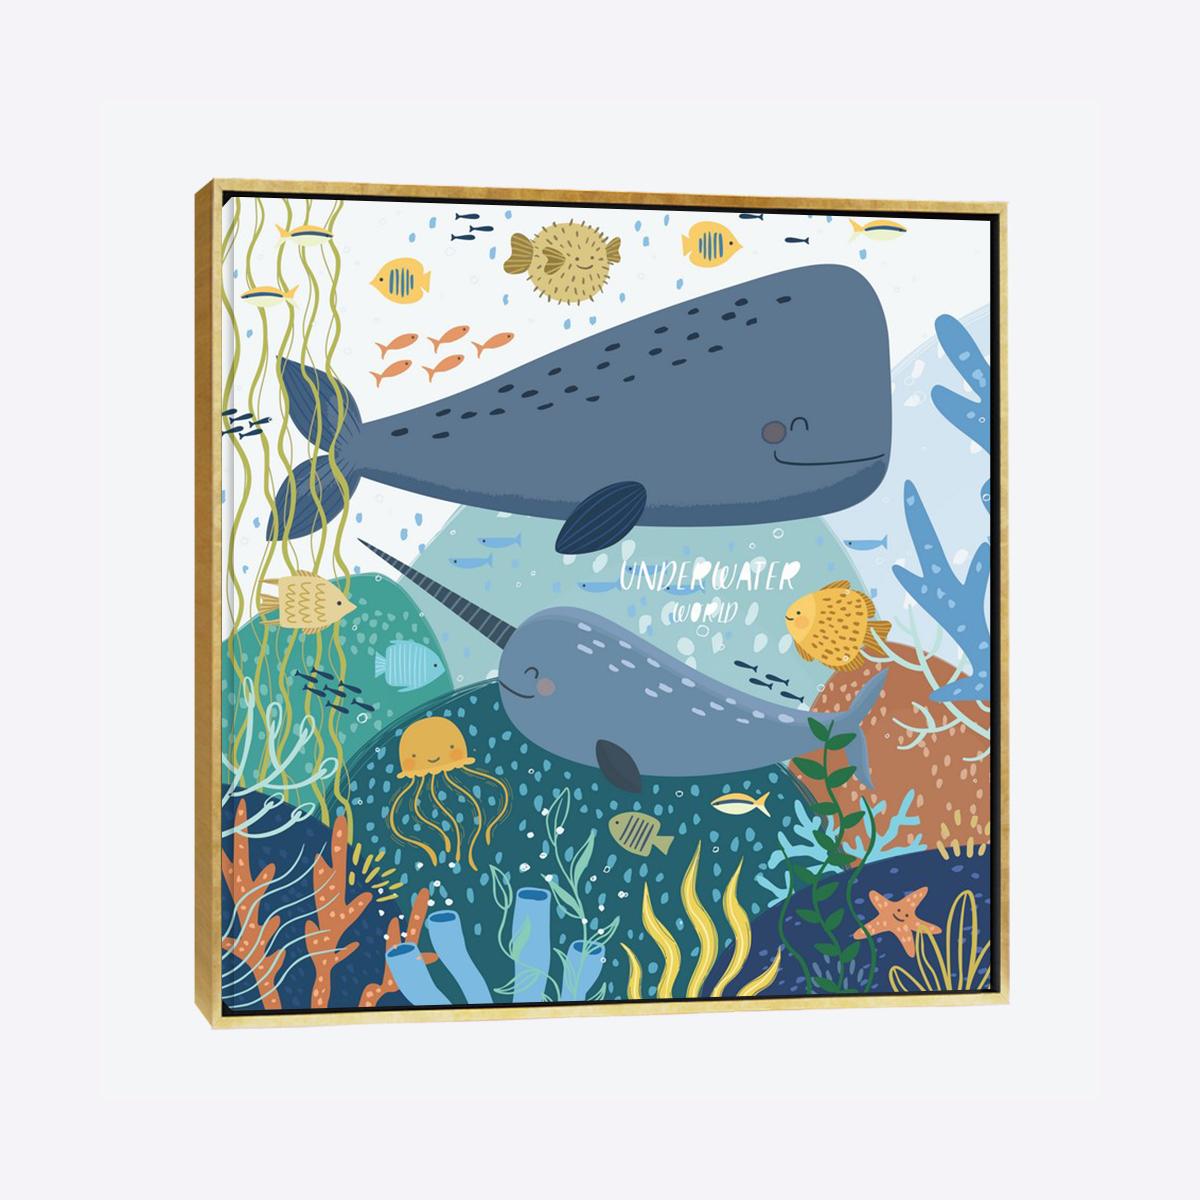 لوحات جدارية - الحوت الأزرق مع الكائنات البحرية في المحيط - لوحات جدارية - لوحات فنية مميزة - لوحة حائط مفعمة بالوان الطفولة والأشكال المحببة للأطفال حيث تحوي تناثر الألوان المائية على كانفس مشدود عالي الجودة تعطي شعور السلام والفن الراقي مع بصمة الذوق الرفيع الذي يتناسب مع جميع أثاثكم